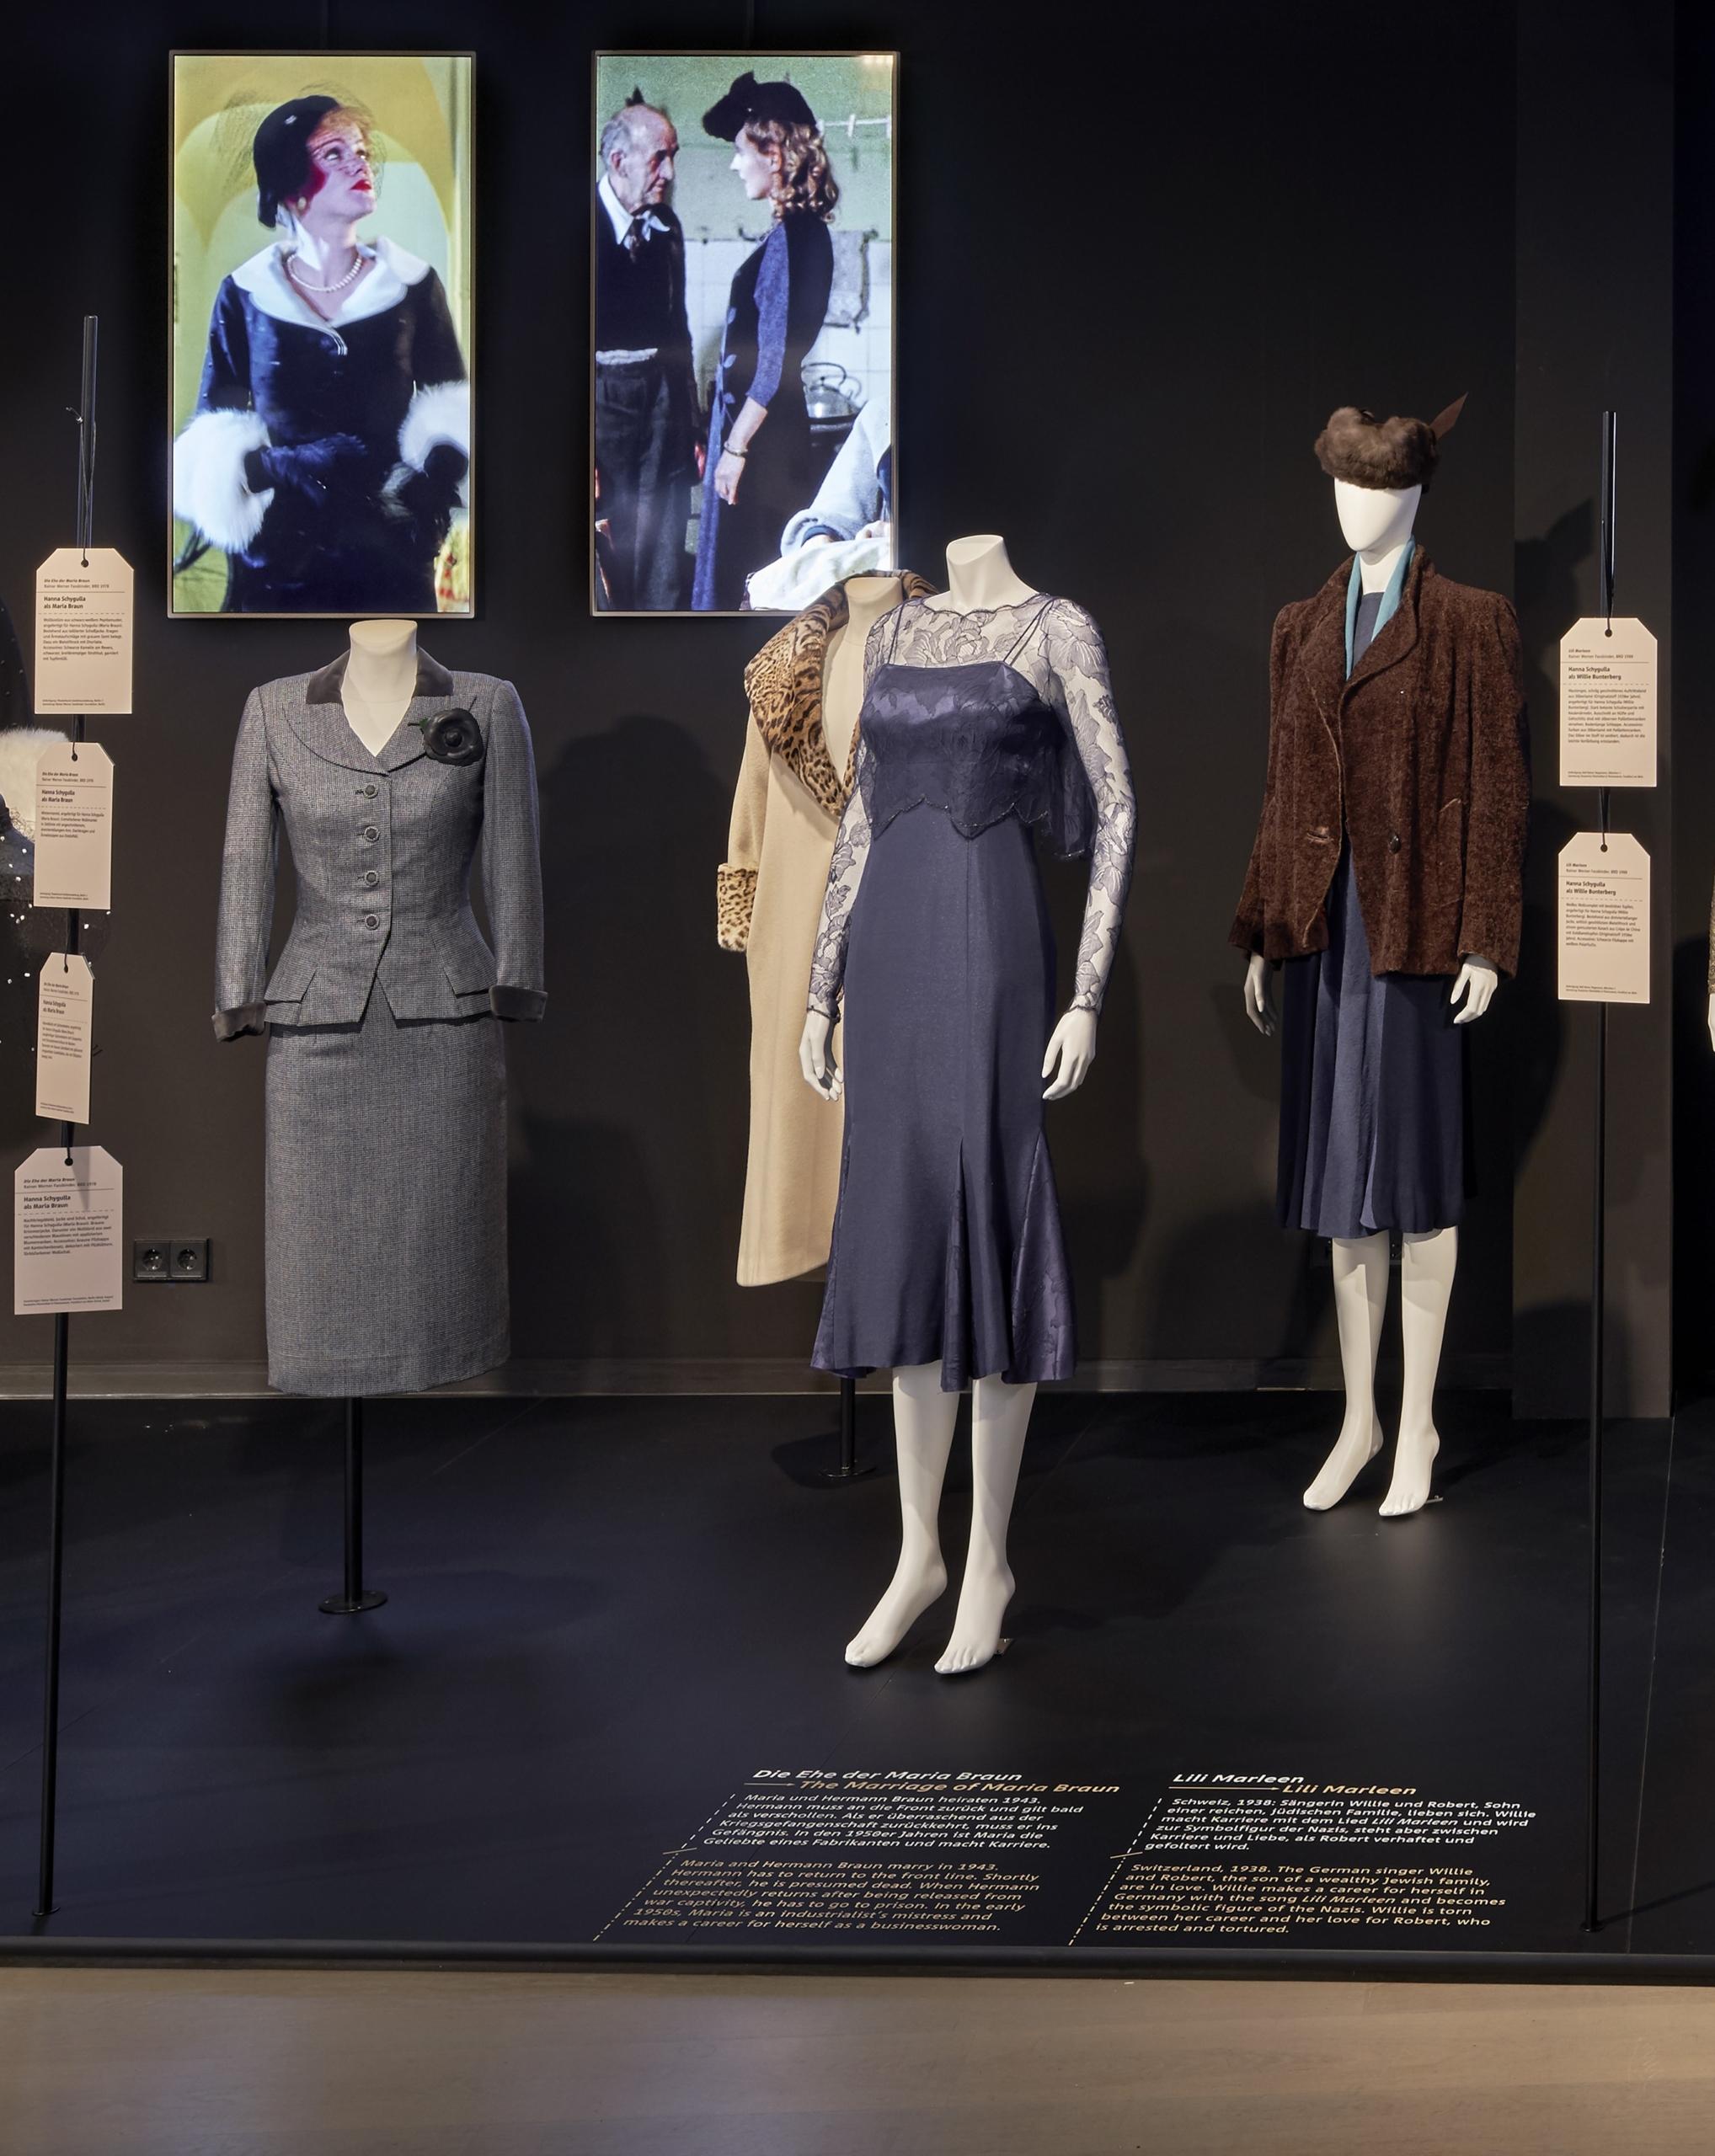 Bühne 9, 3: 4 Kostüme aus dem Film Die Ehe der Maria Braun